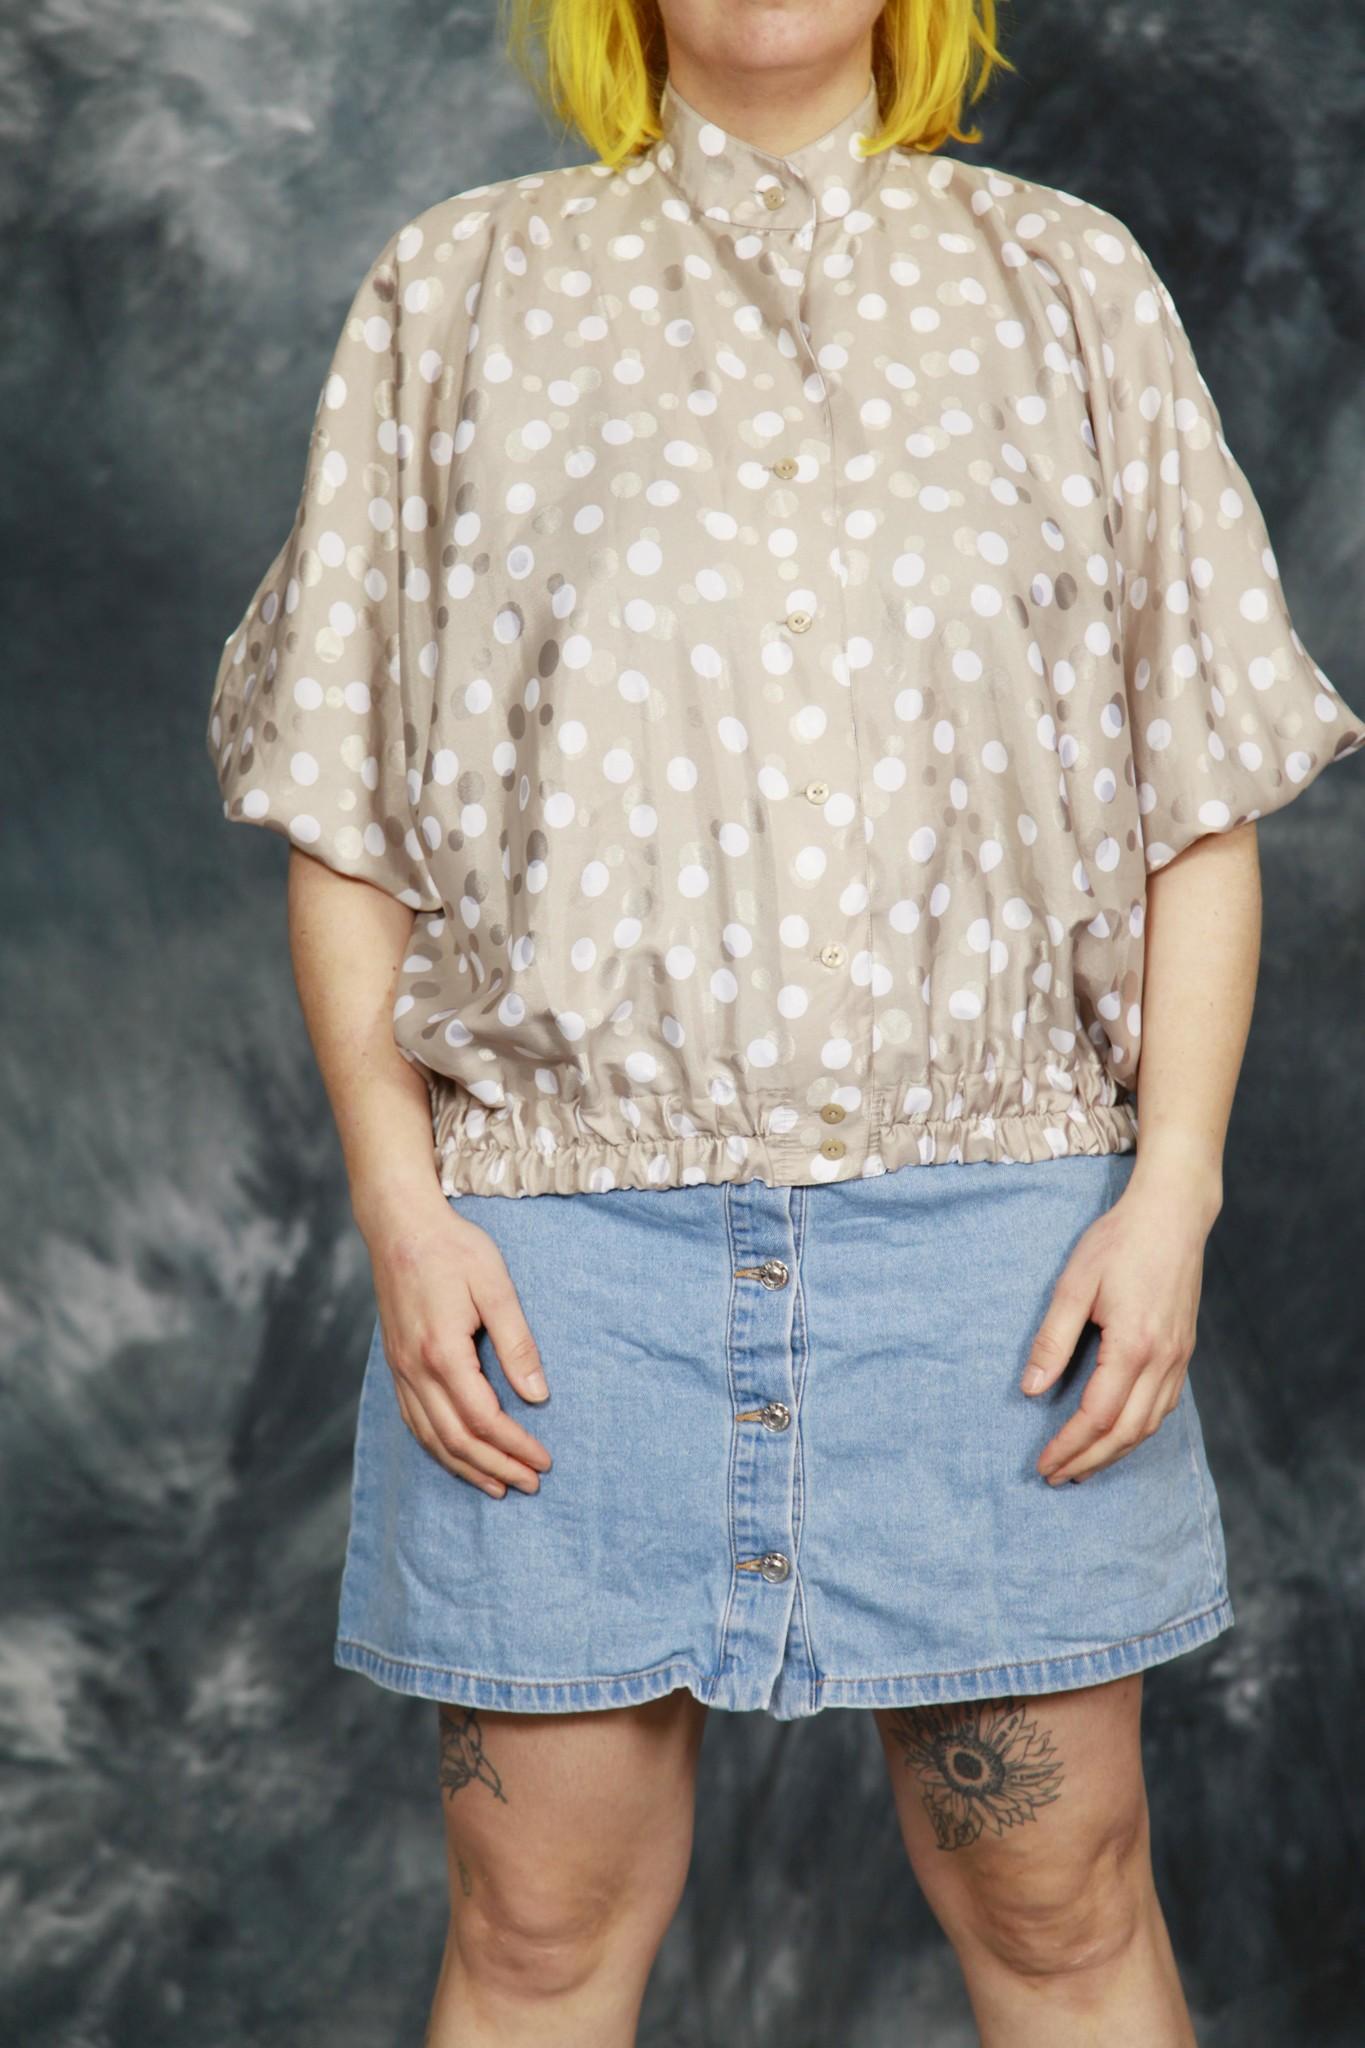 Grey 80s polka dot shirt